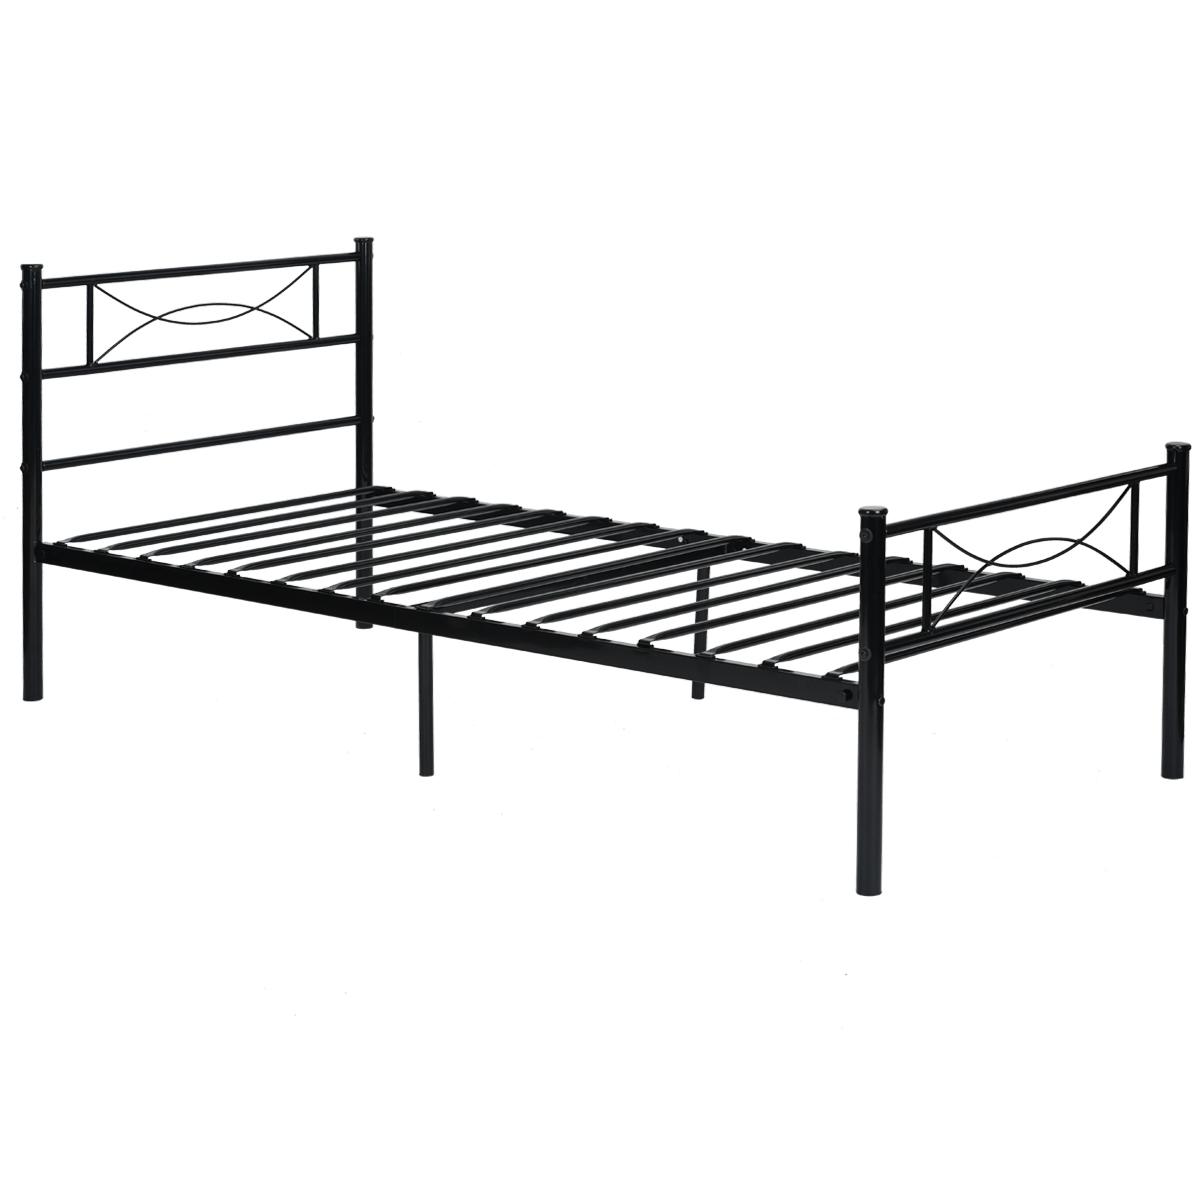 Bedroom Metal Bed Frame Platform Mattress Foundation